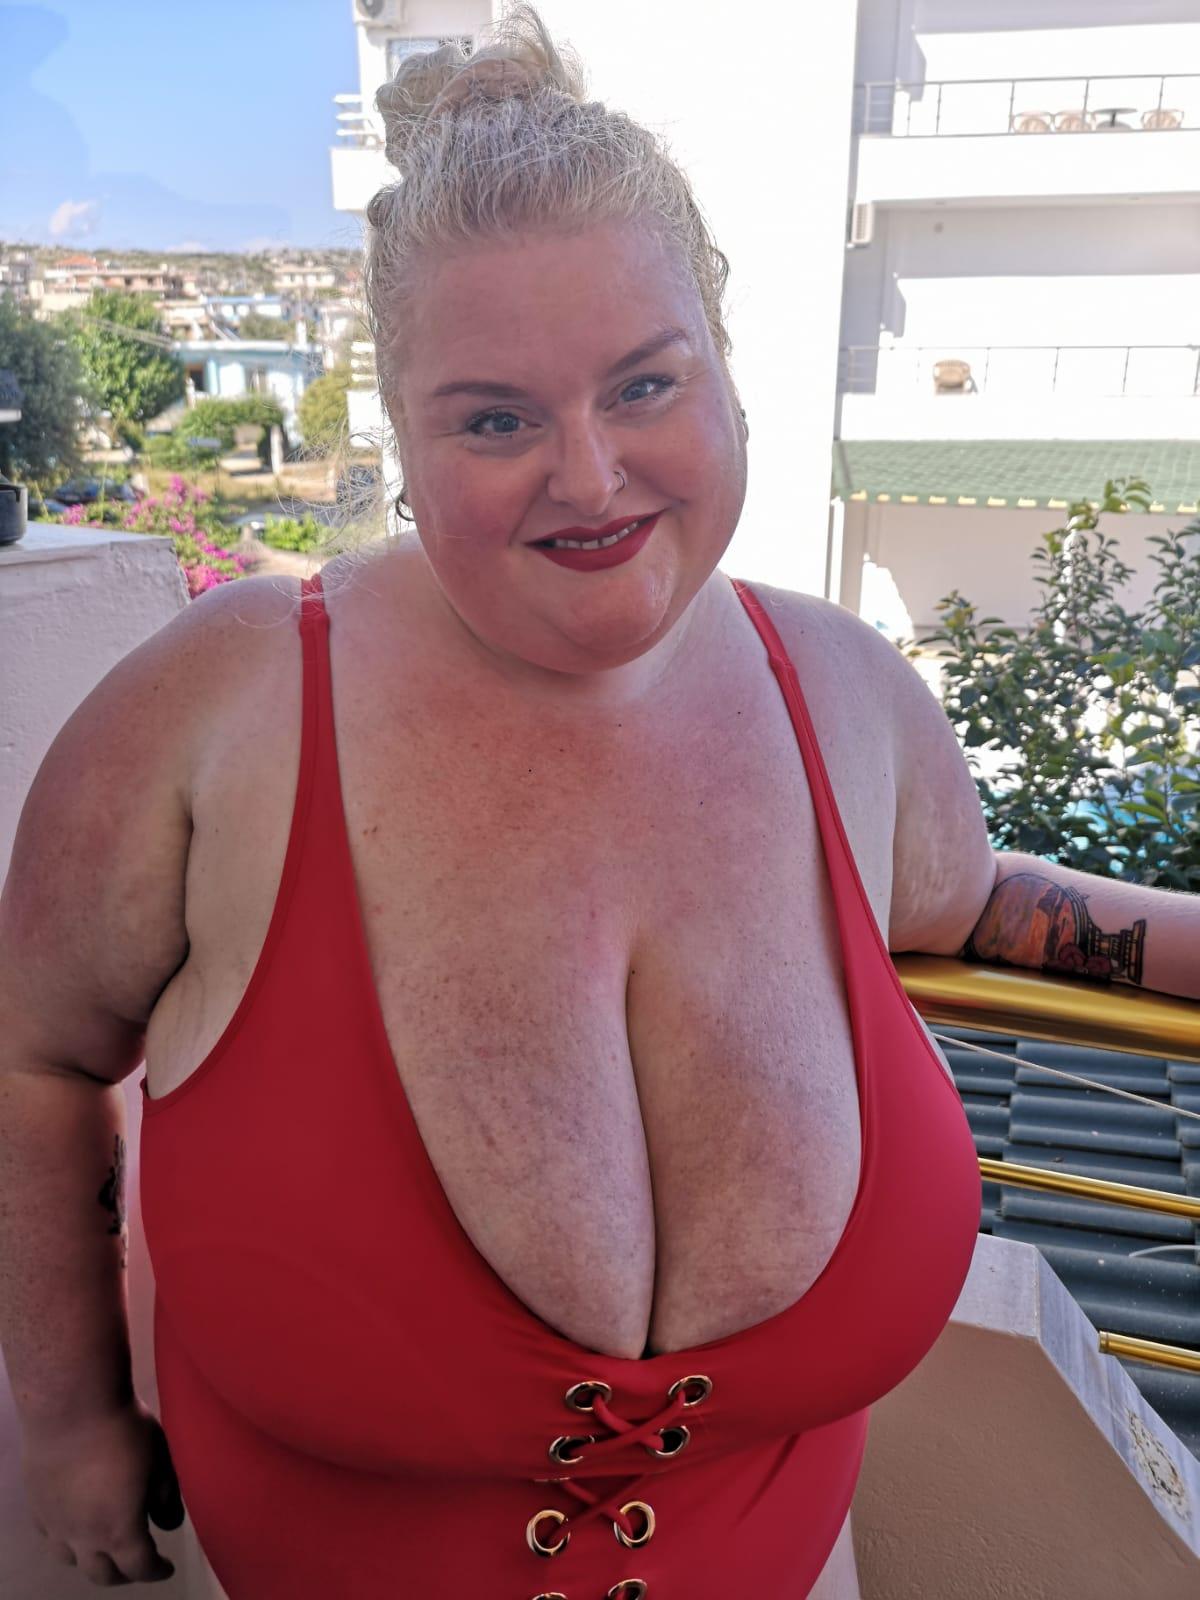 Vanessa del rio in lingerie